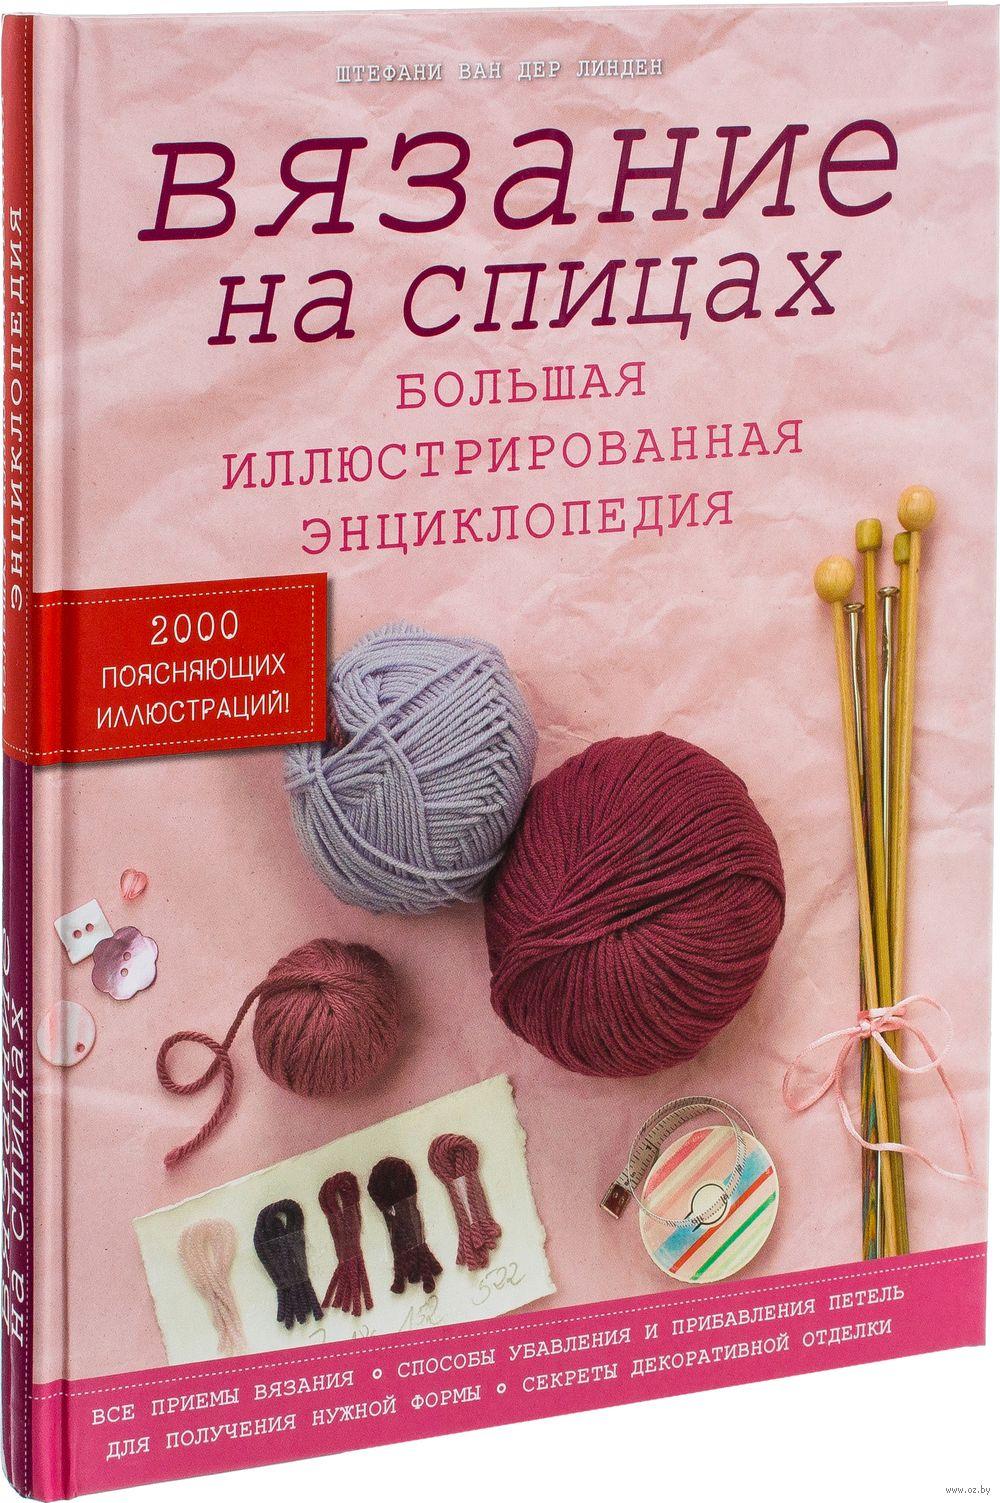 Вязание на спицах в минске